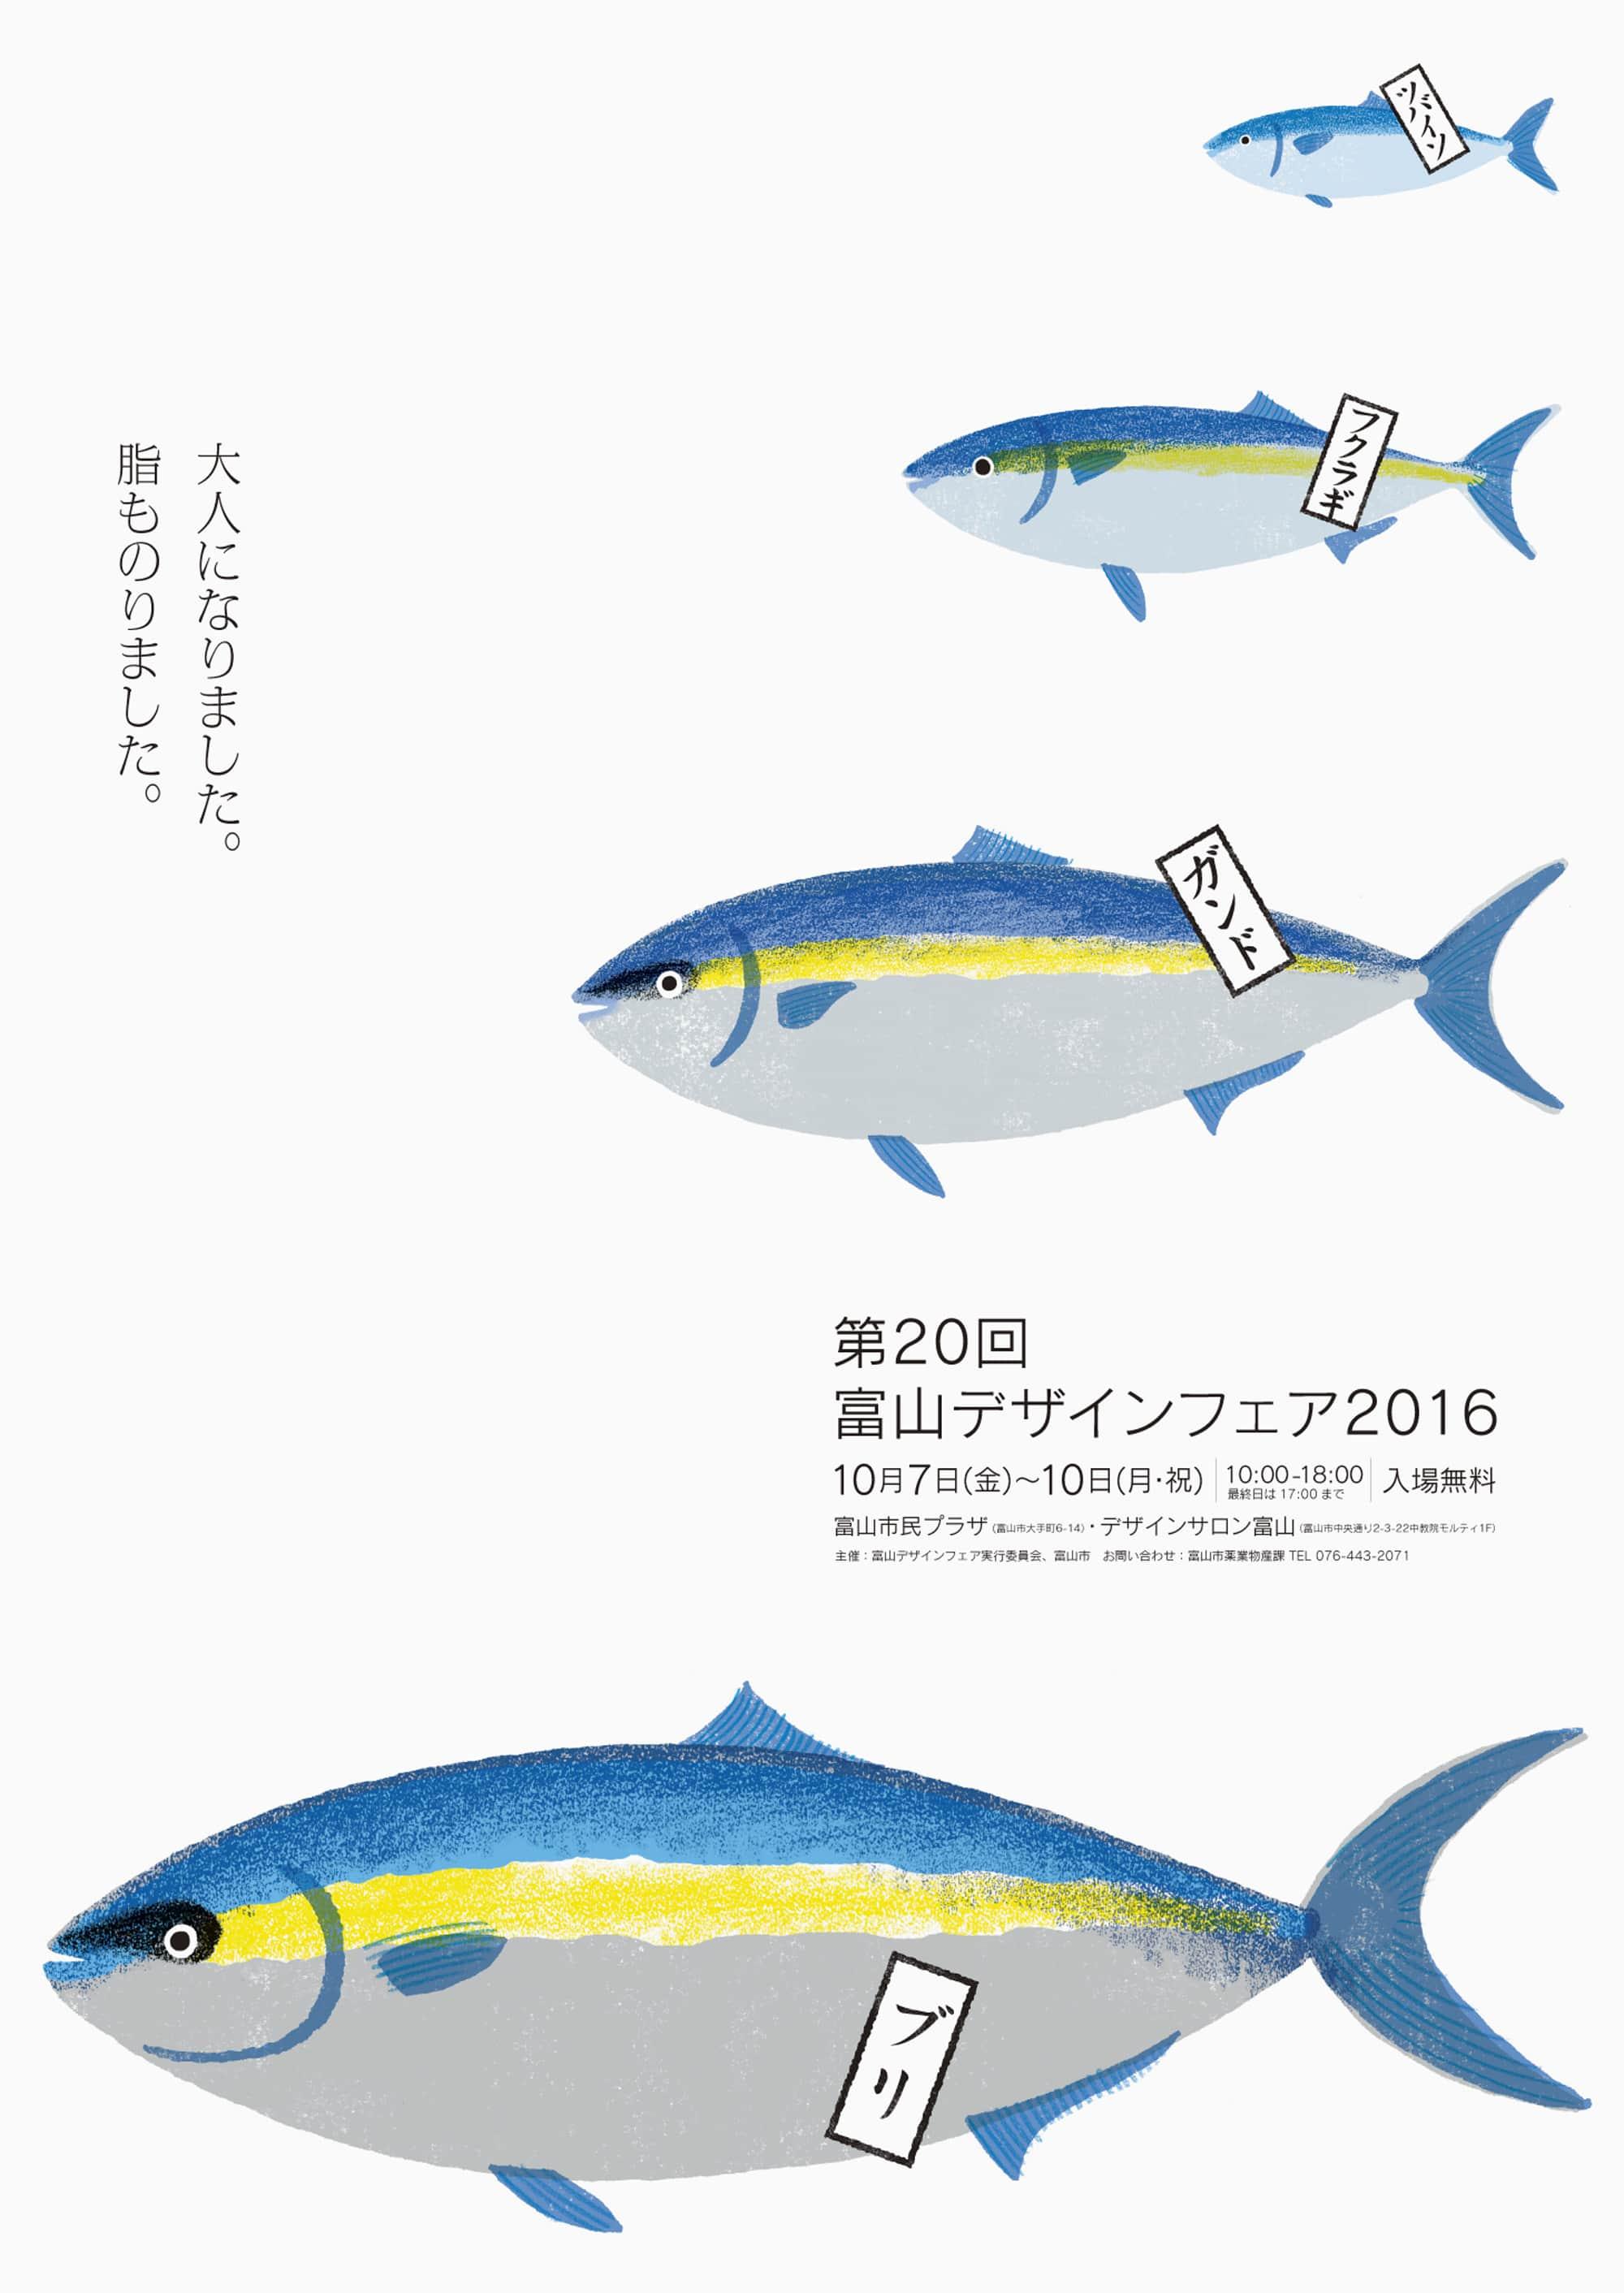 第20回 富山デザインフェア2016